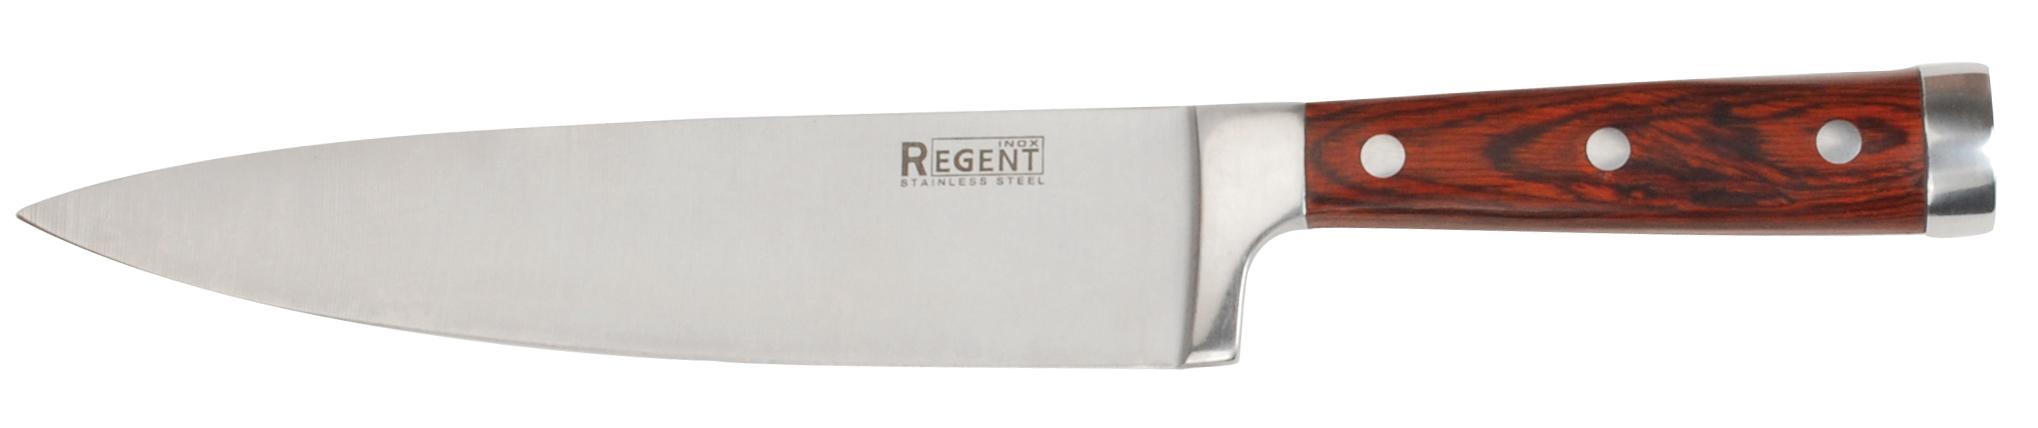 Нож разделочный Regent inoxНожи, мусаты, ножеточки<br>Тип: нож,<br>Назначение: разделочный,<br>Материал: нержавеющая сталь,<br>Длина (мм): 200<br>